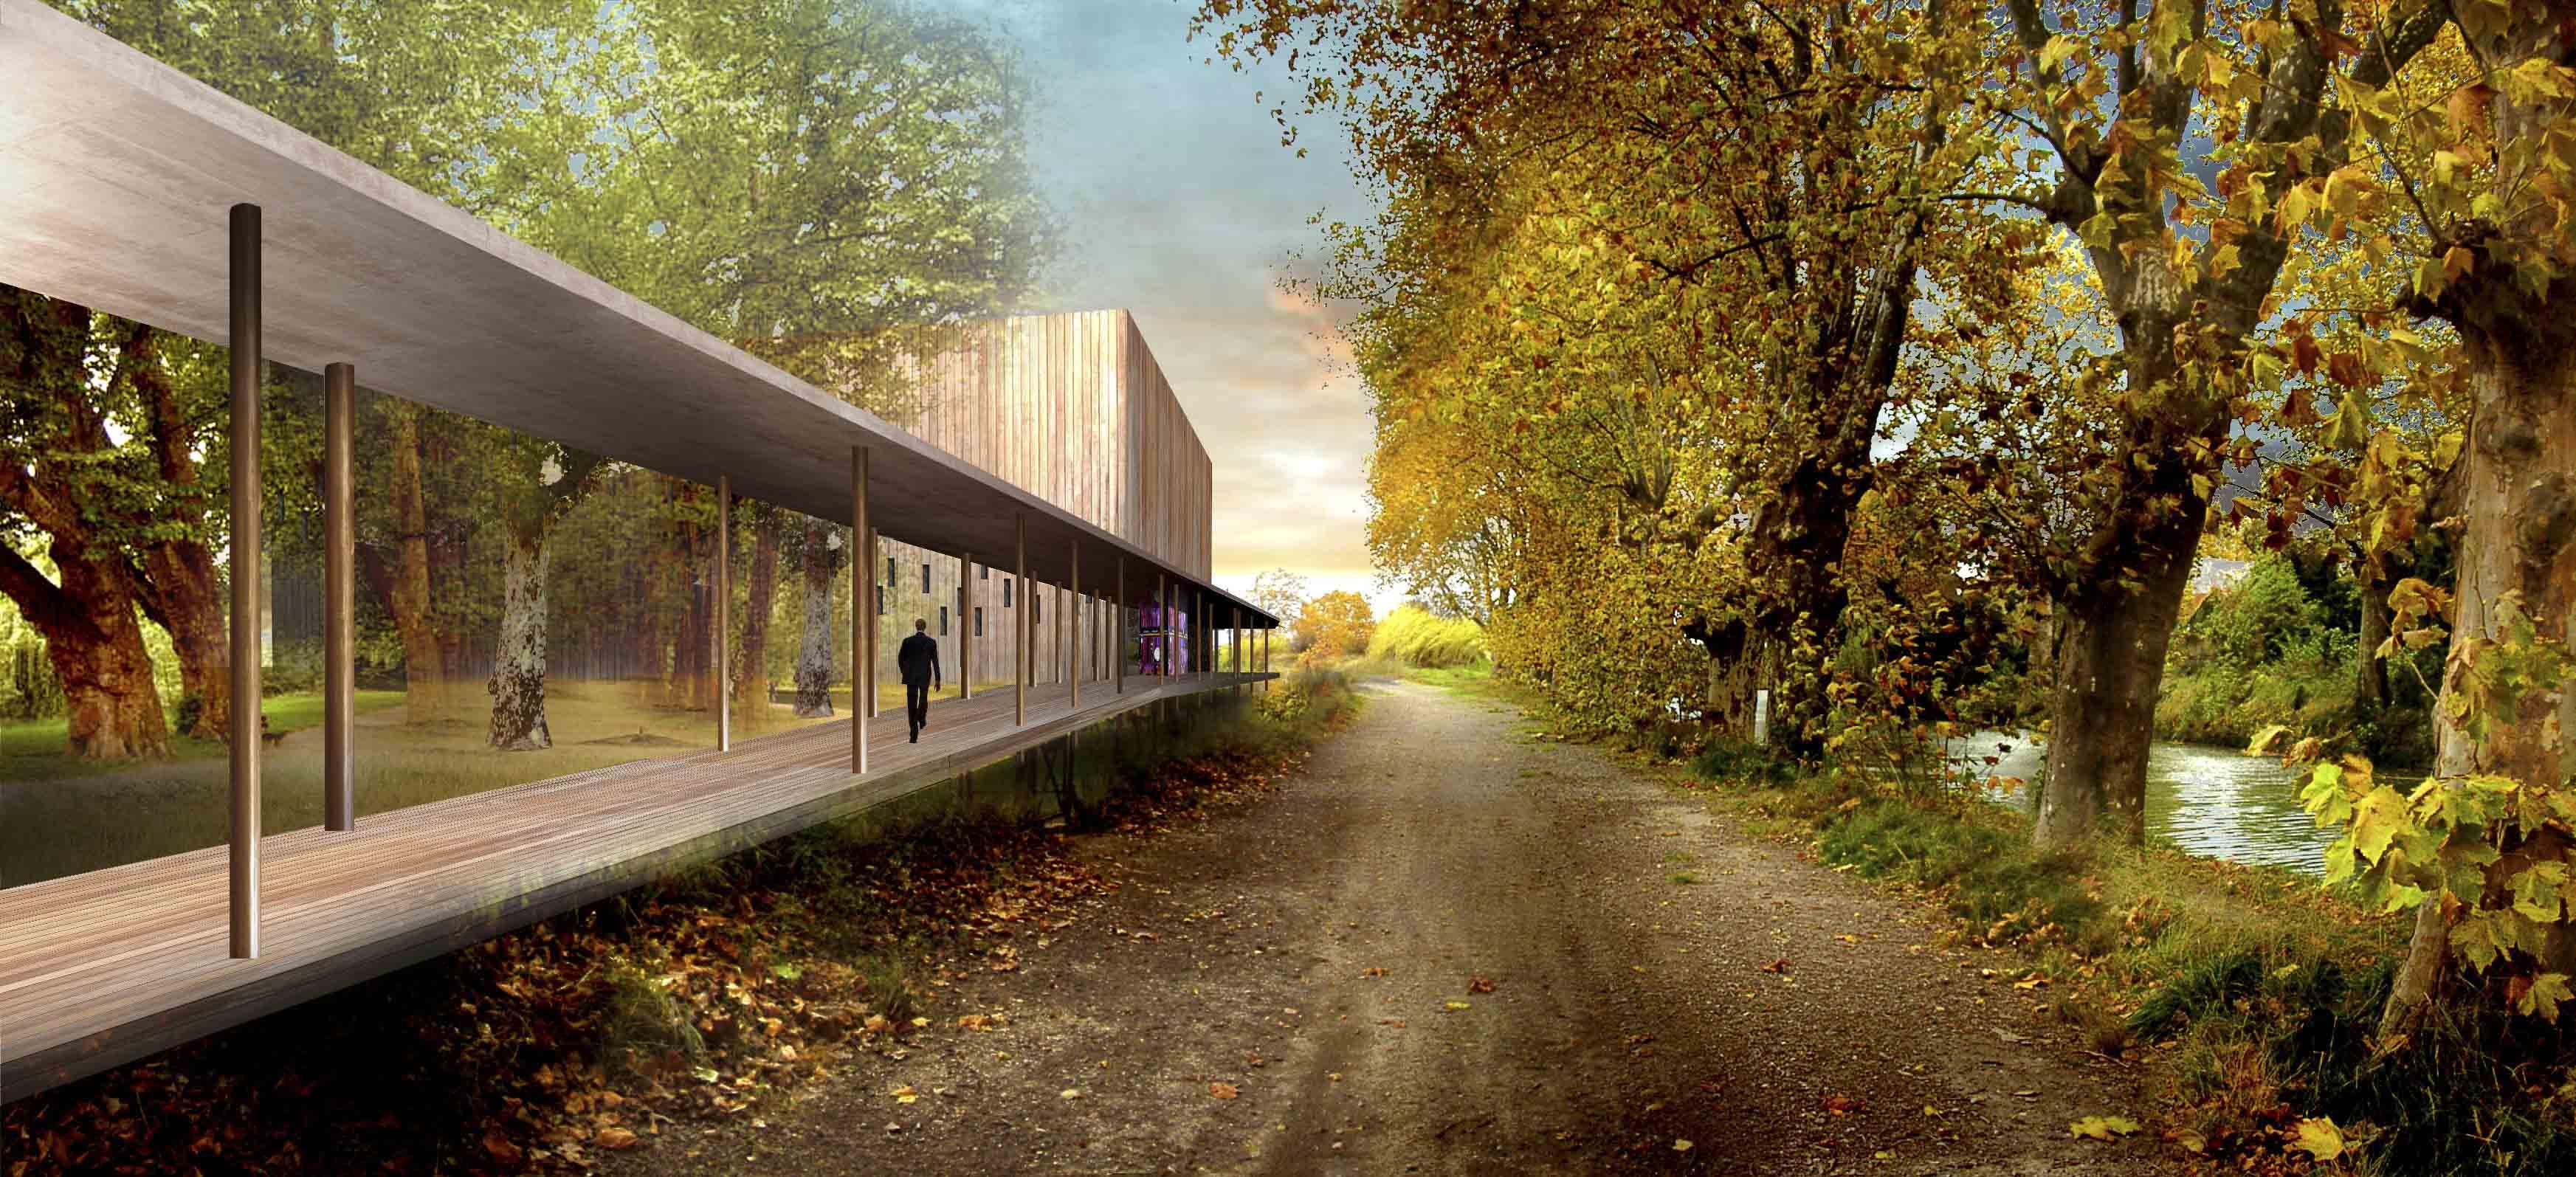 Salle de spectacle Béziers BF Architecture 1